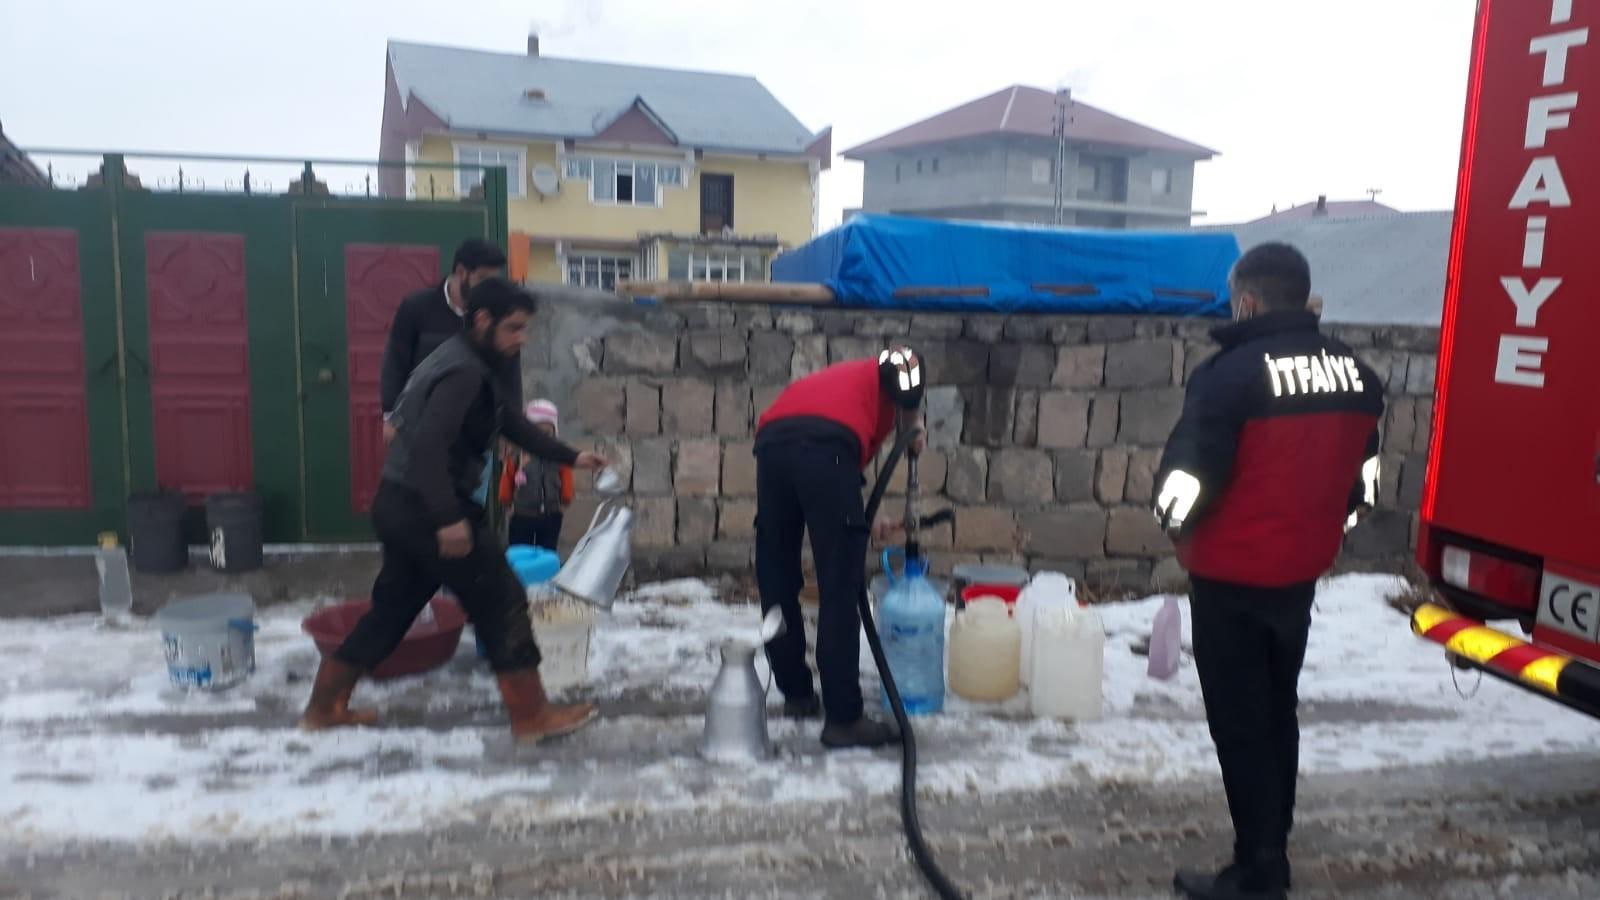 Ağrı'da itfaiye ekipleri suları donan vatandaşlara su taşıdı